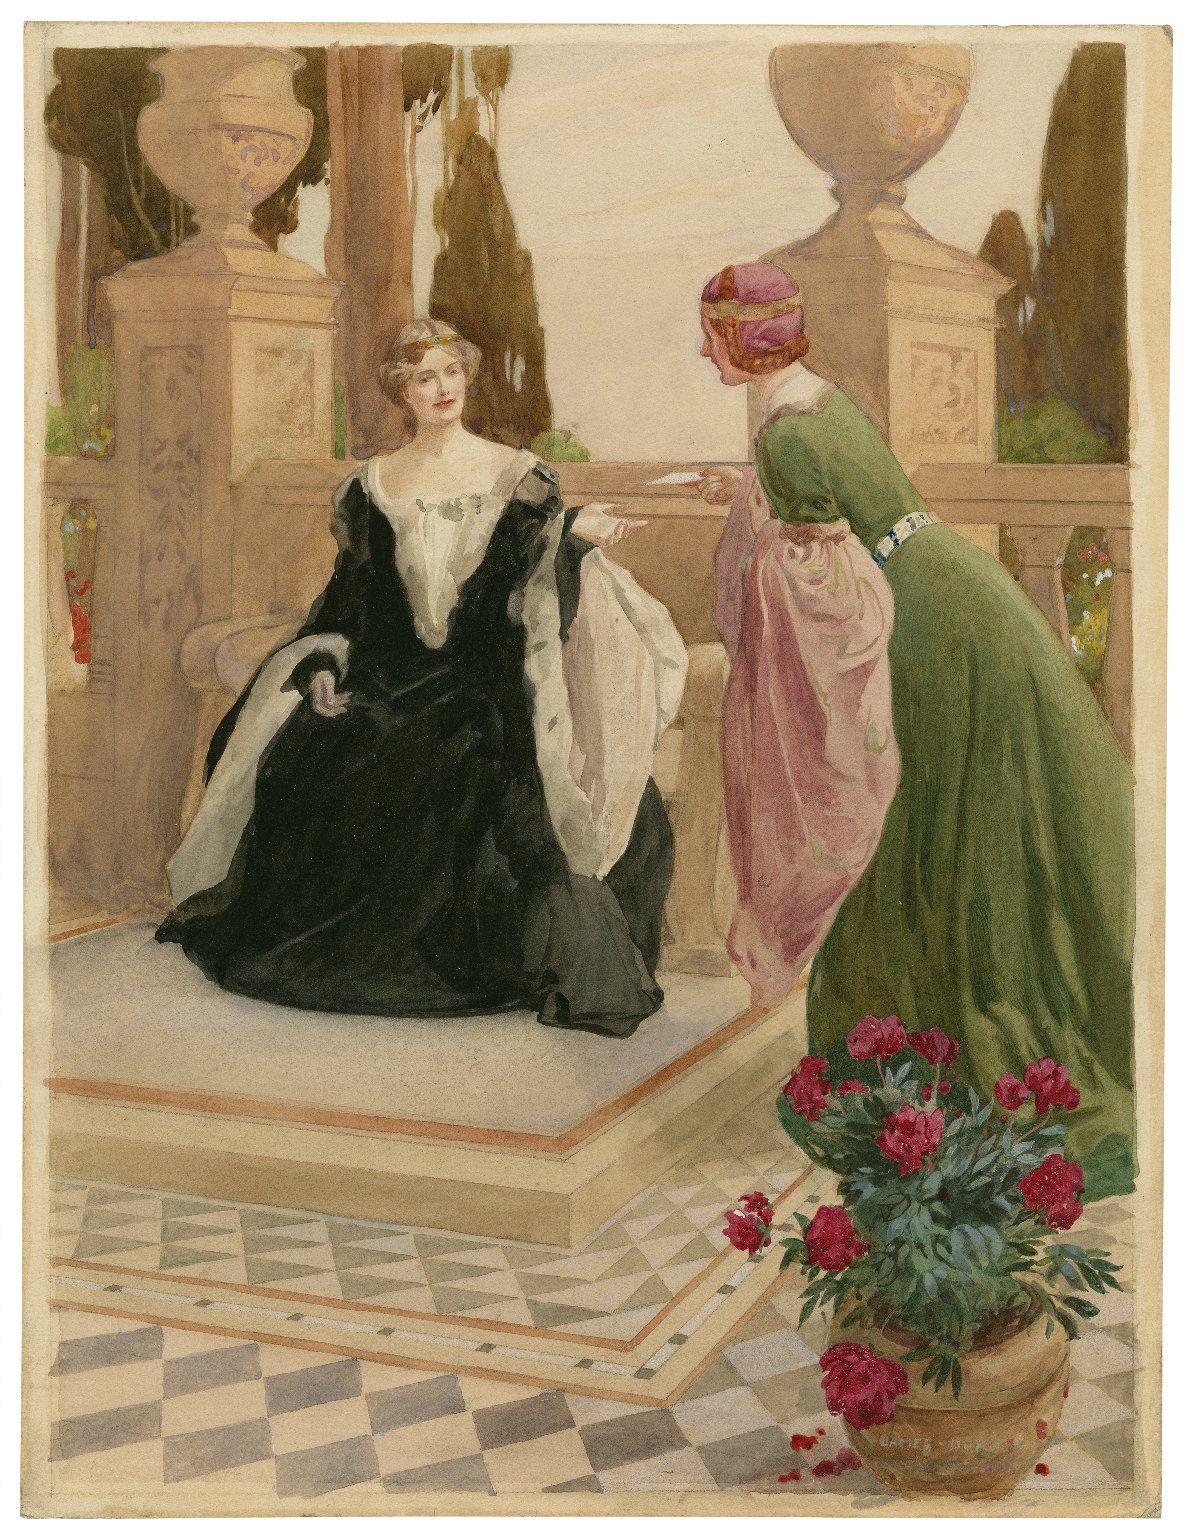 James Durden. The Two Gentlemen of Verona. Act 1, Scene 2. Julia and ...